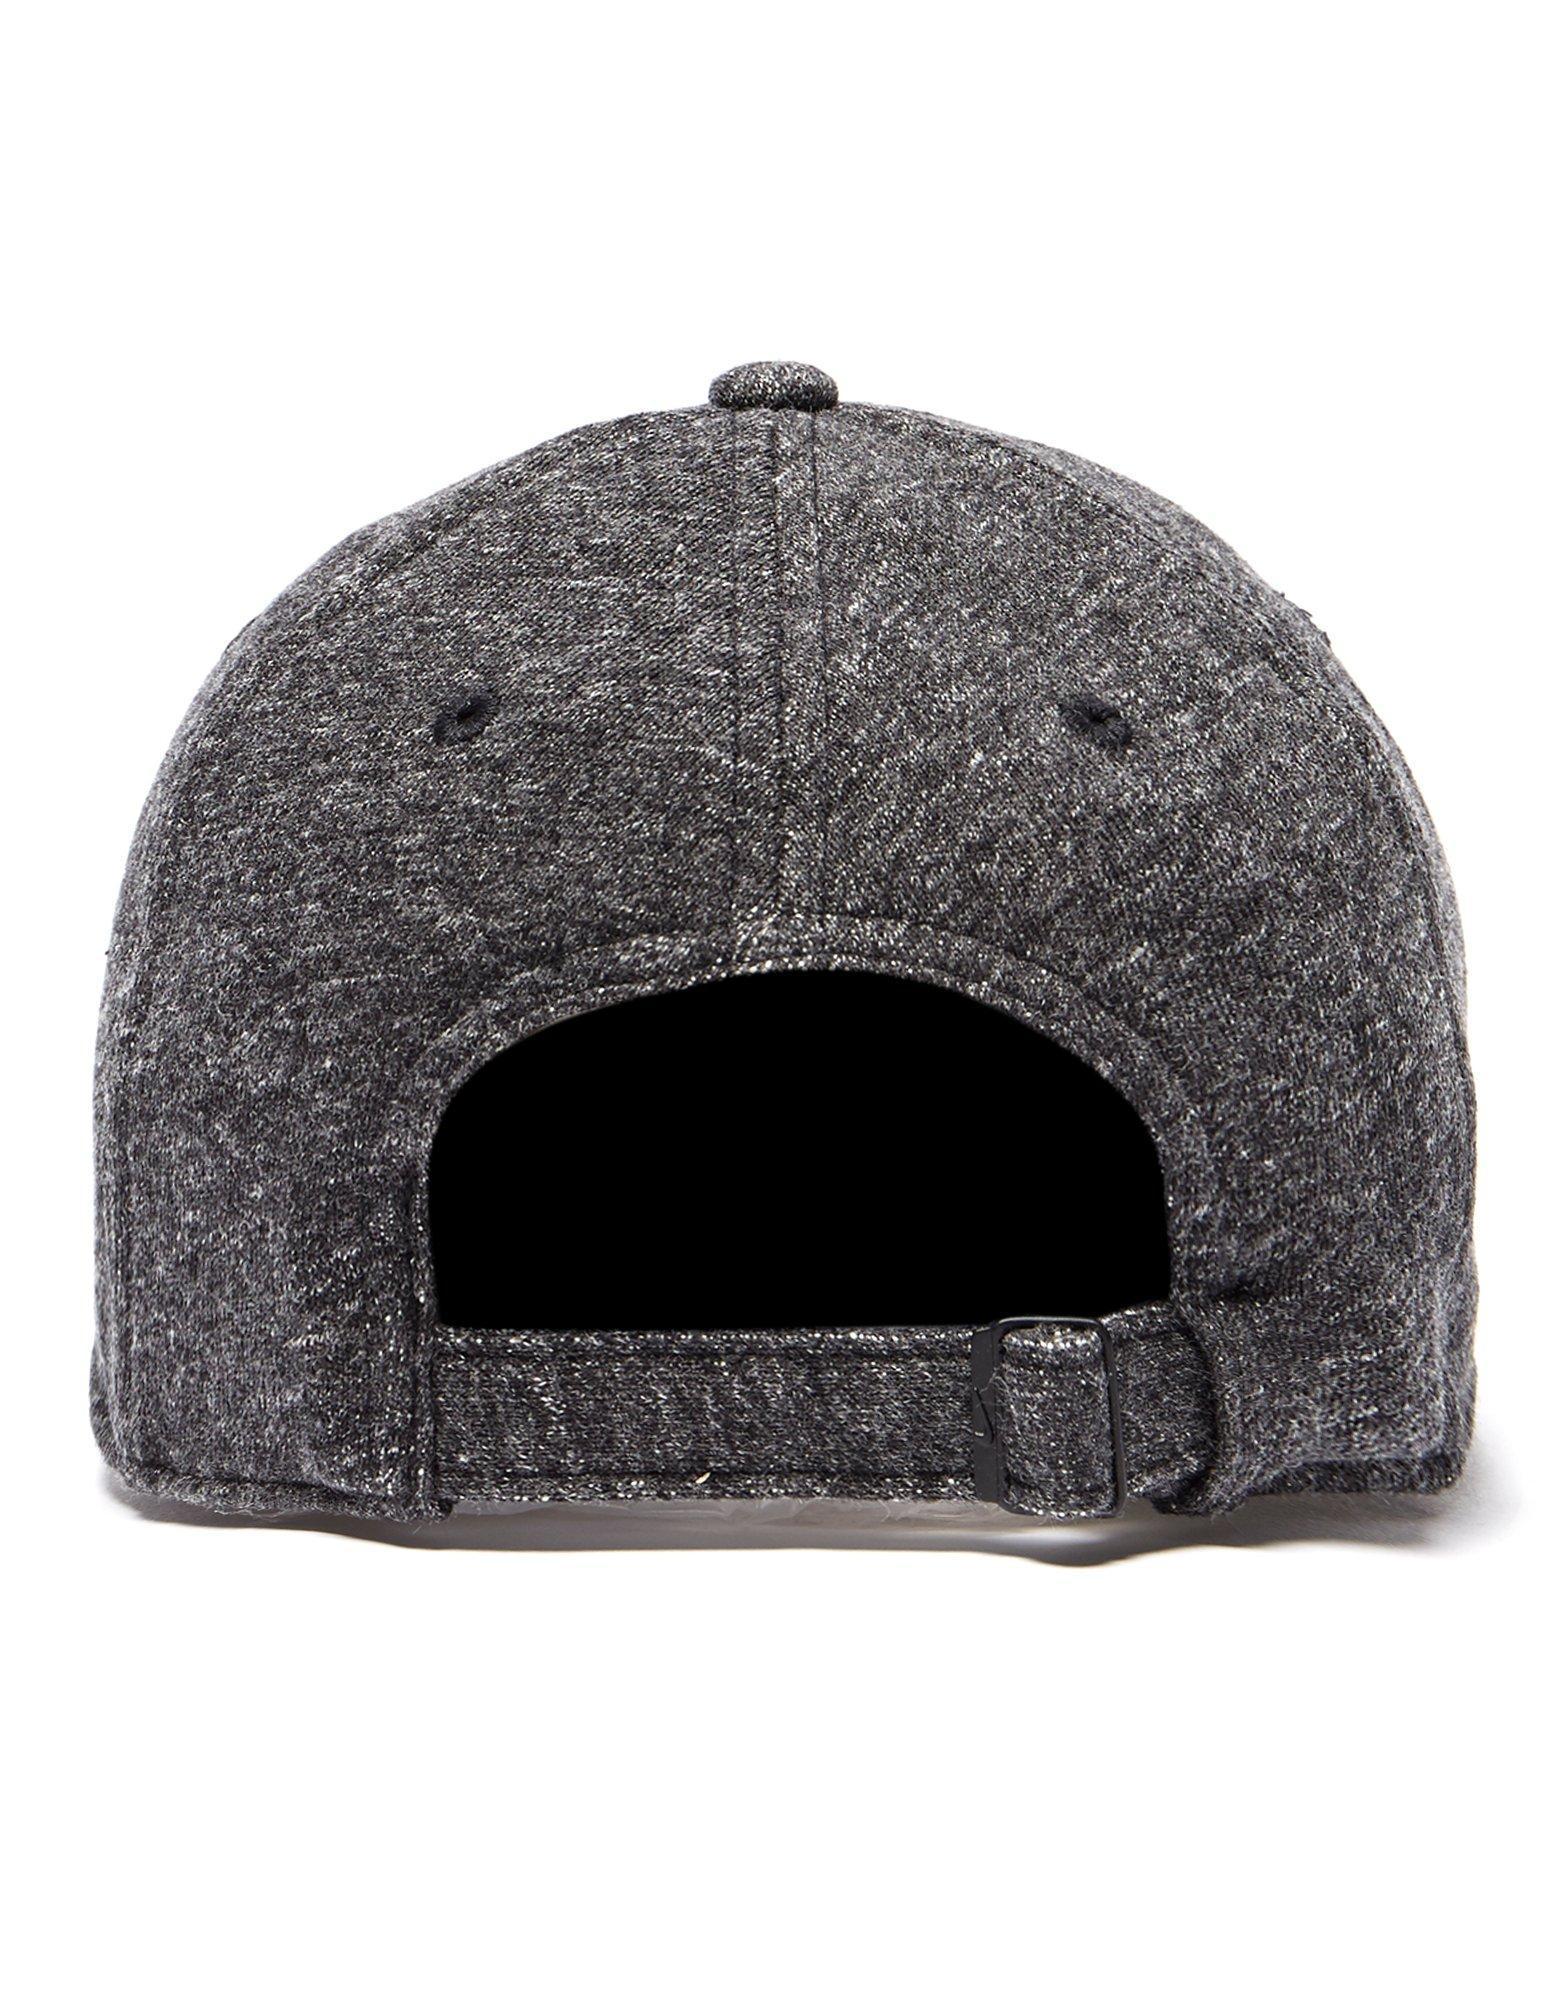 0156ce1f7aa Nike H86 Metal Badge Cap in Black for Men - Lyst